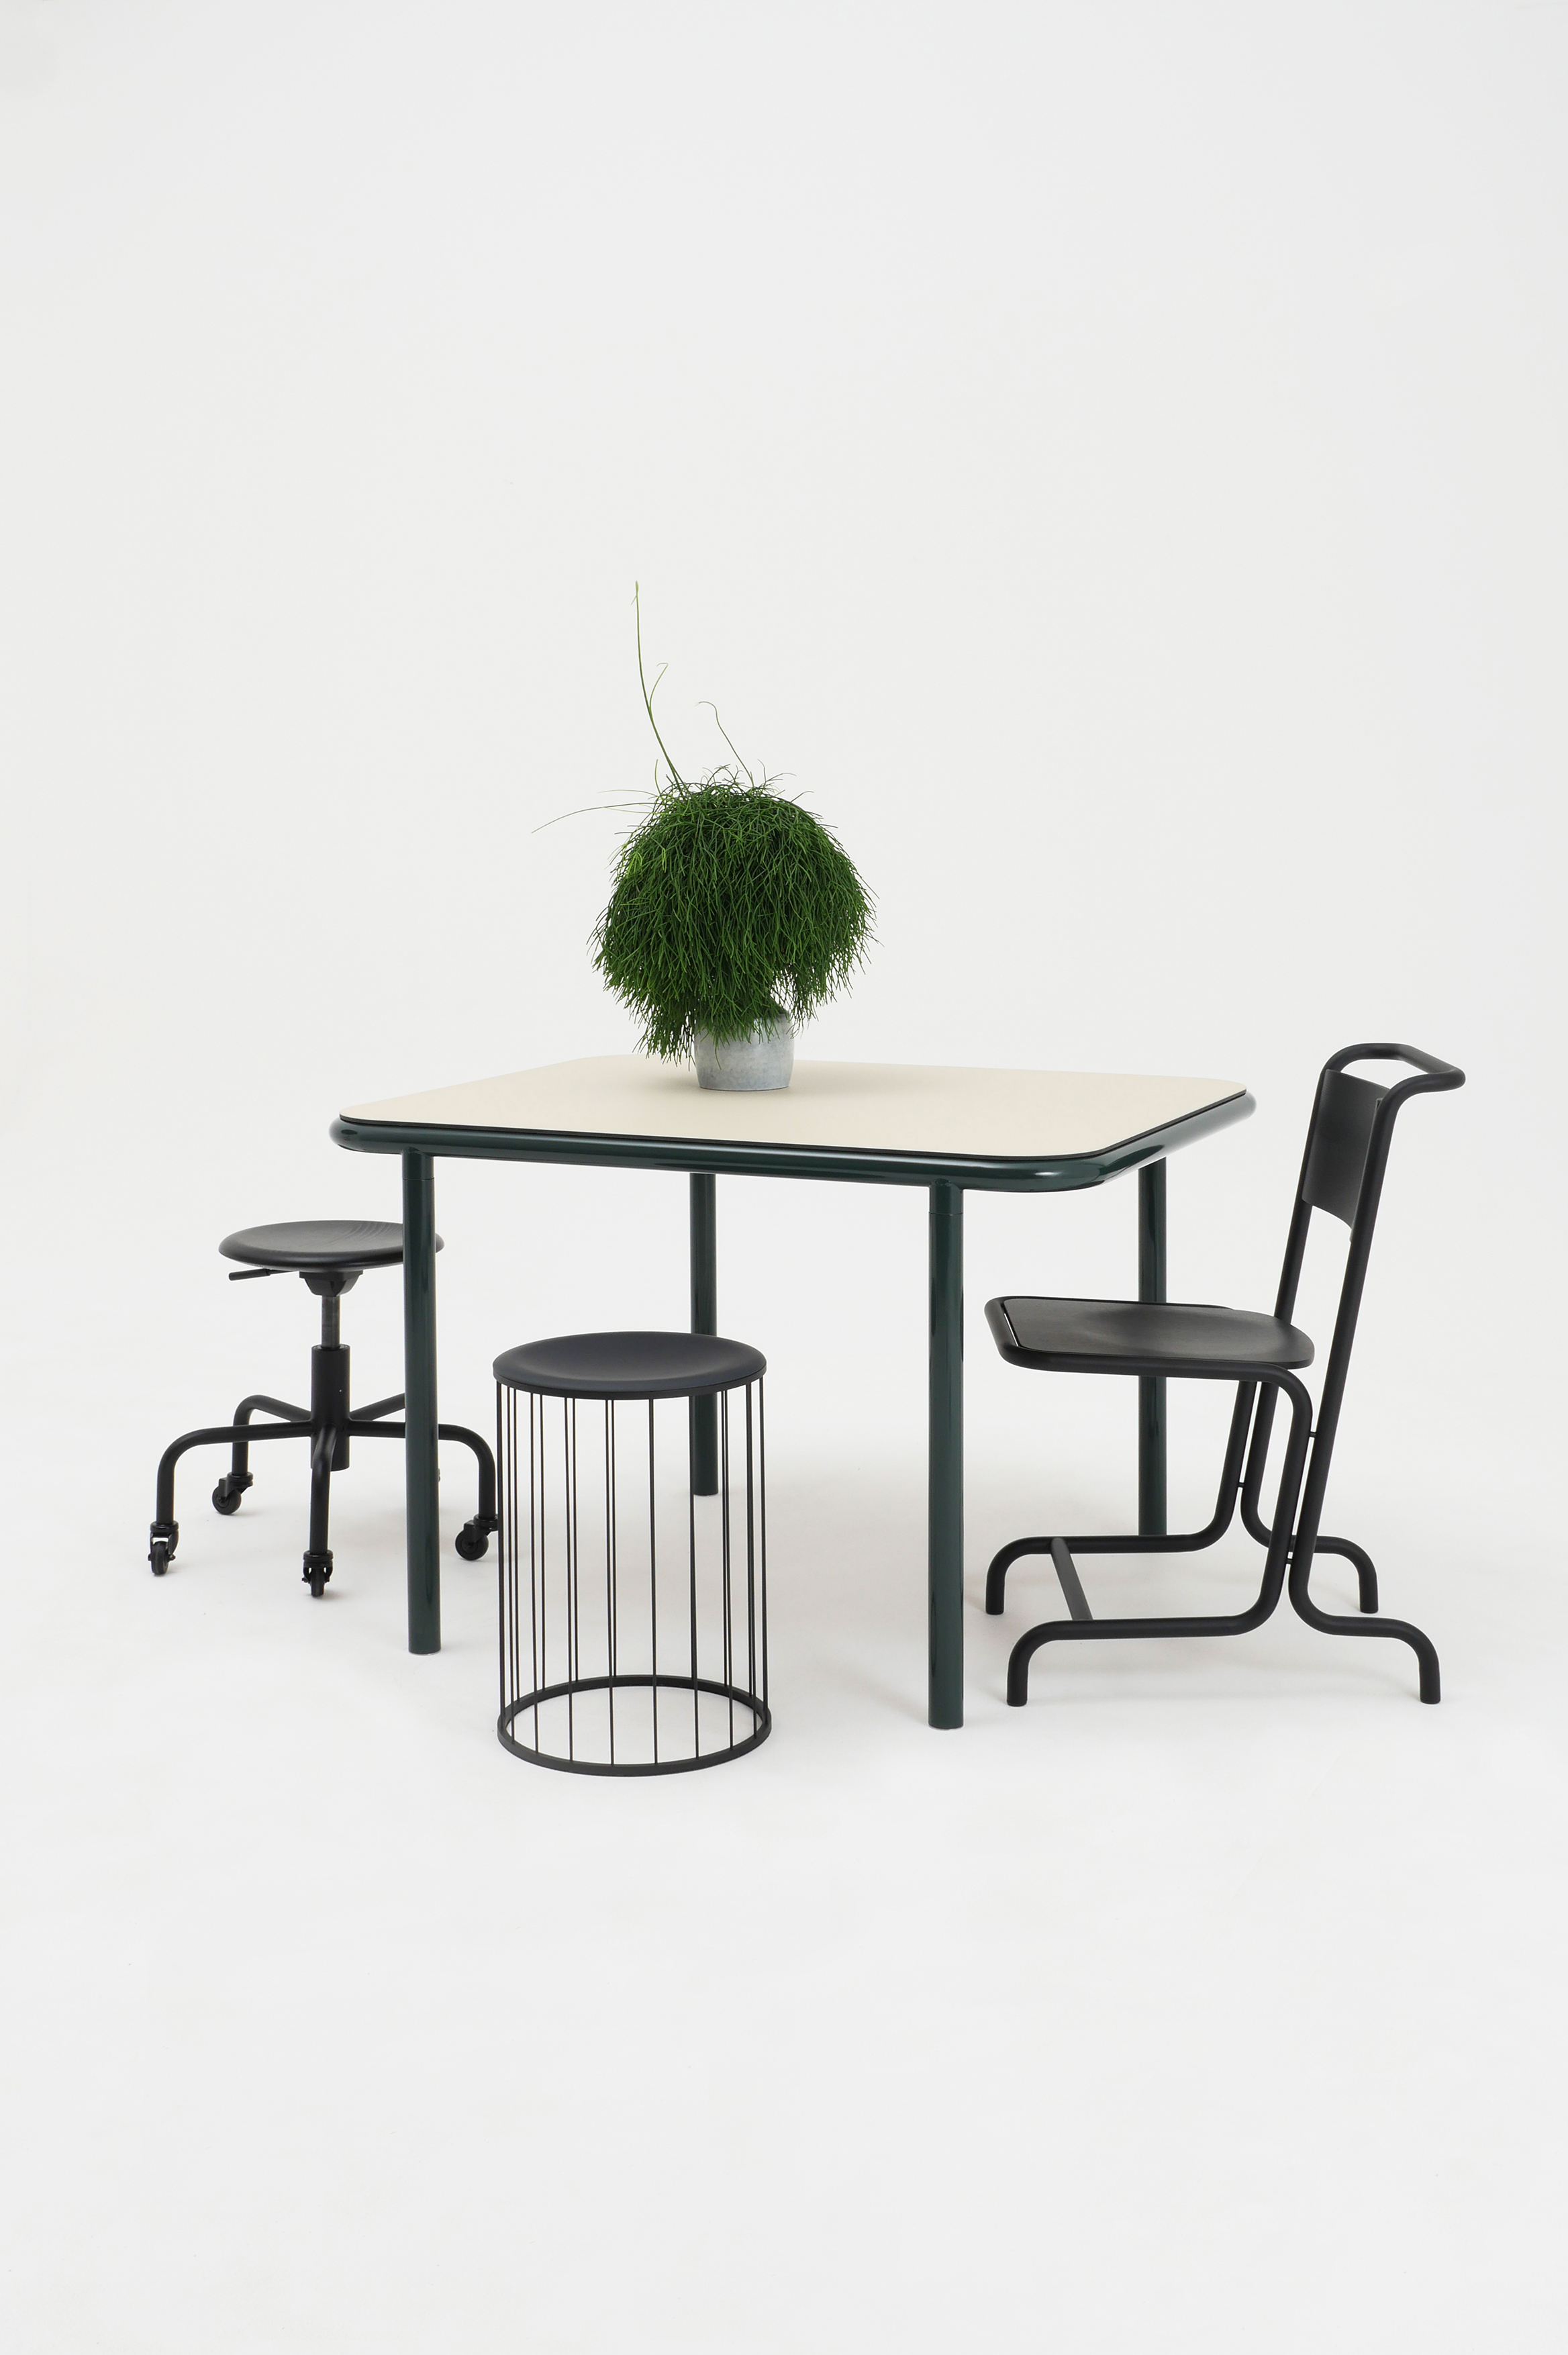 Laszlo Stahl Stuhl Spring Federstahl Hocker Ernst Rollhocker schwarz Atelier Haußmann